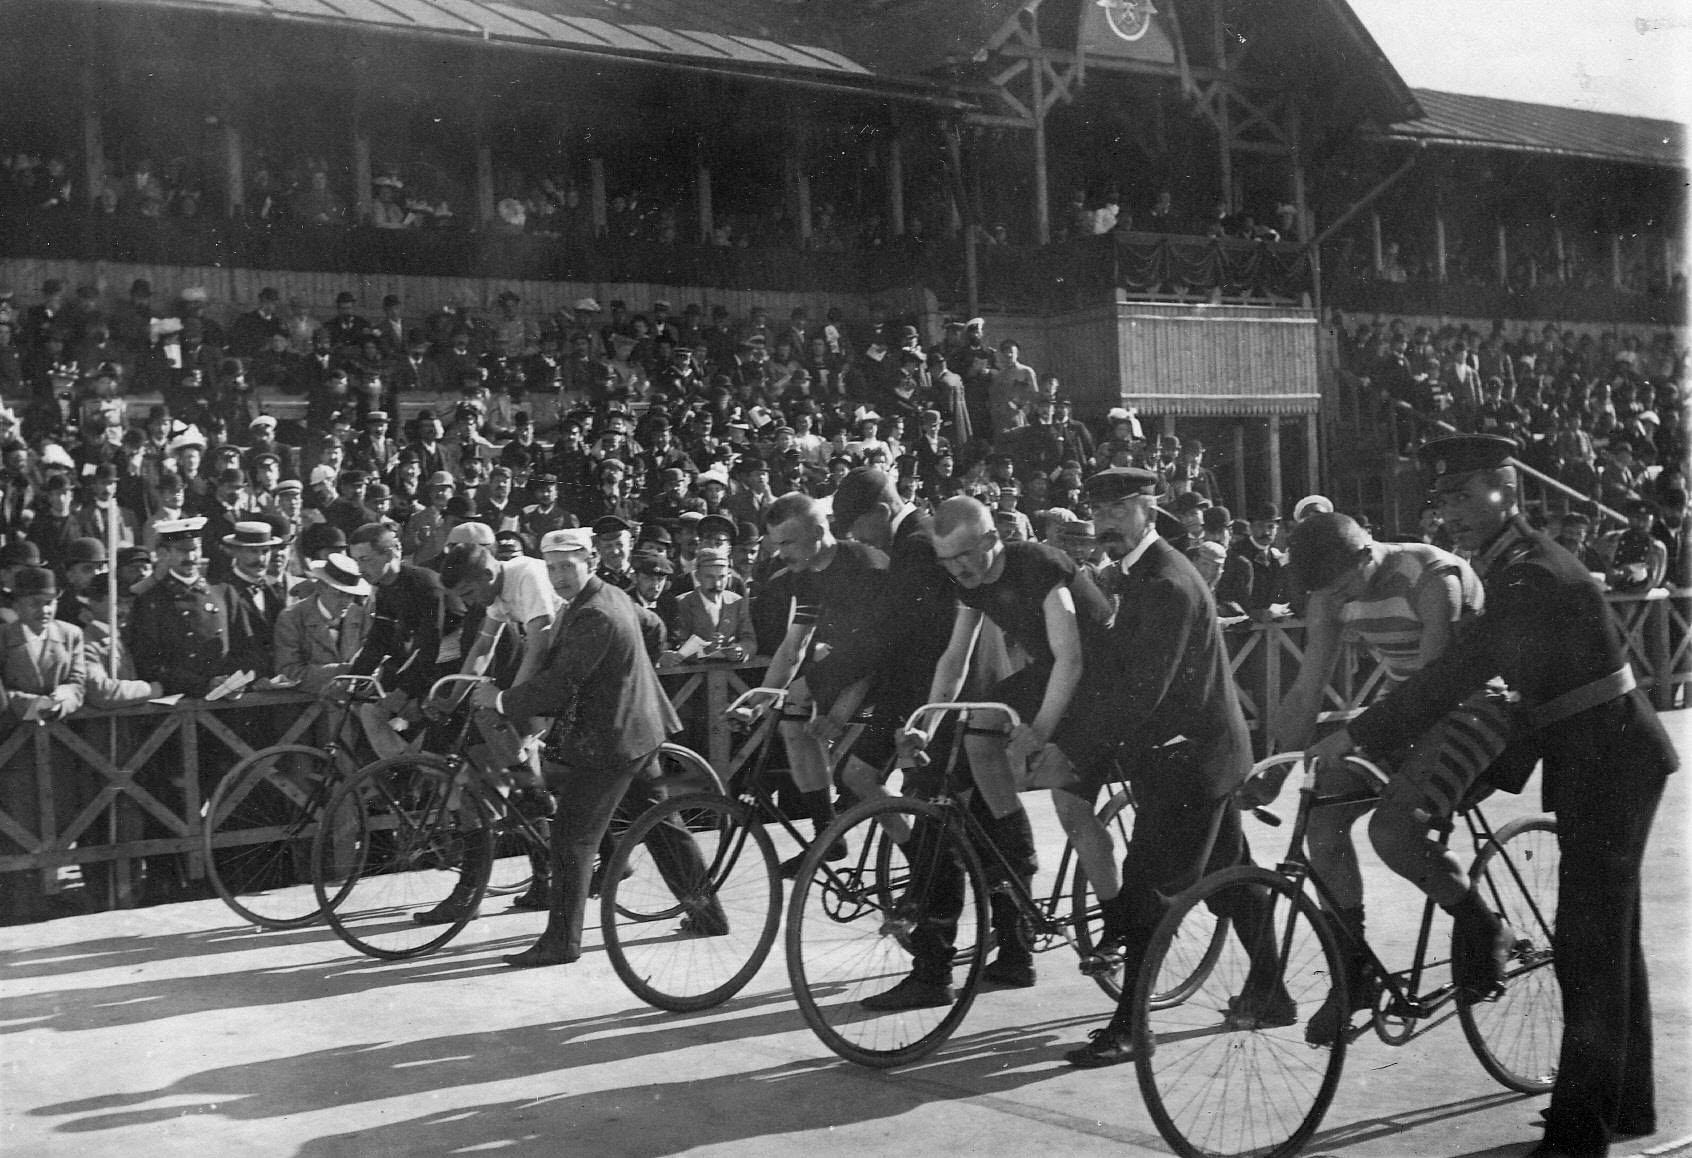 Гонщики на старте во время соревнований на велодроме. Велогонщики на старте во время соревнований на велодроме. Старт на приз открытия 15 августа 1895 года